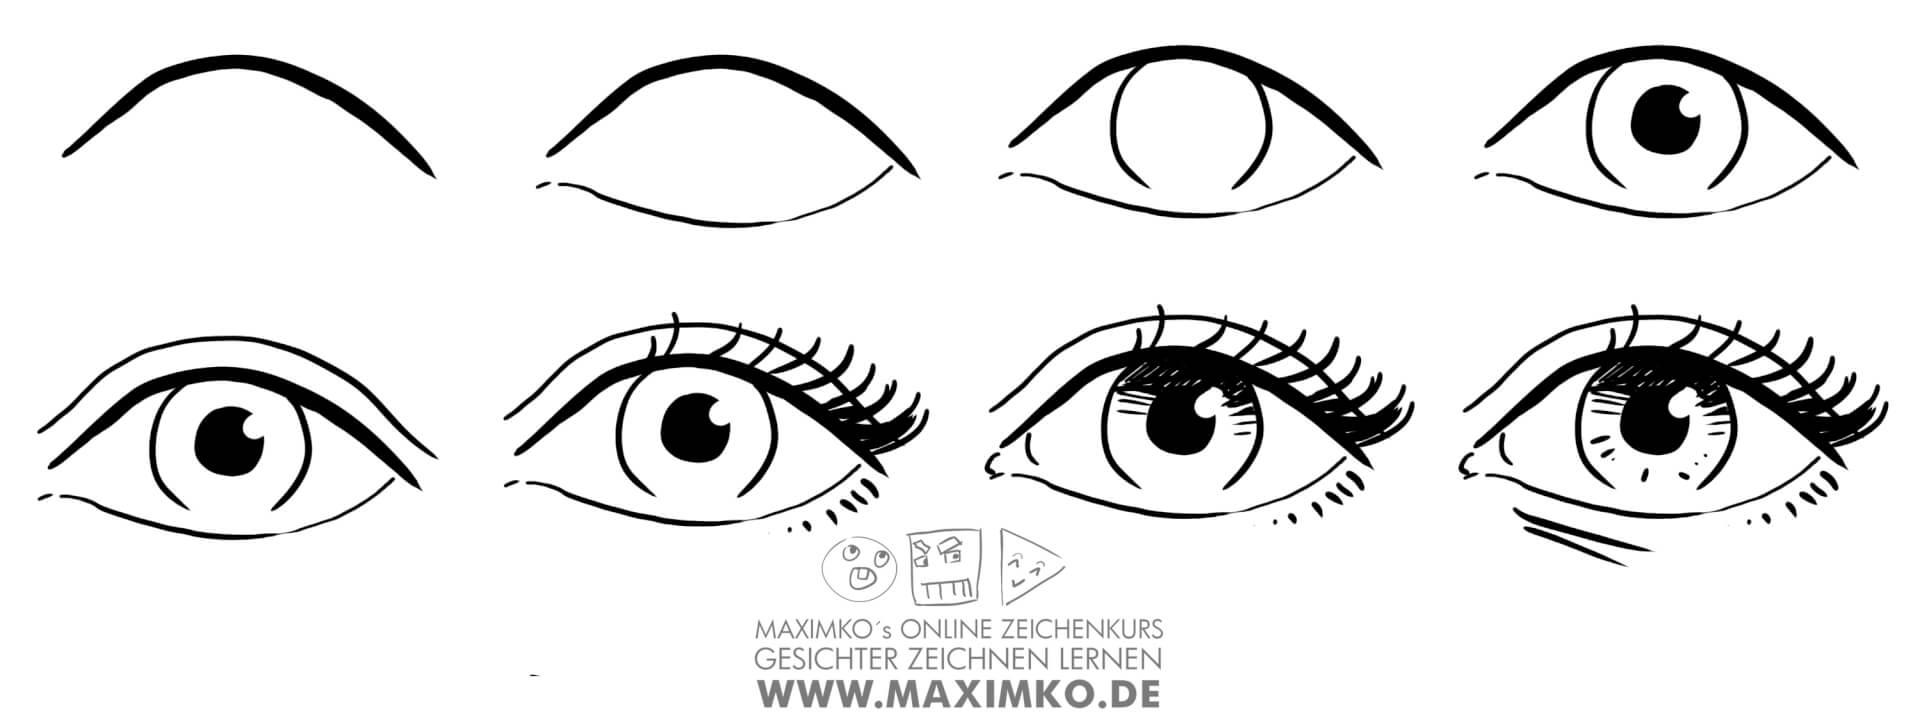 wie zeichnet man augen zeichnen lernen tutorial schritt fuer schritt anleitung how to draw eyes maximko